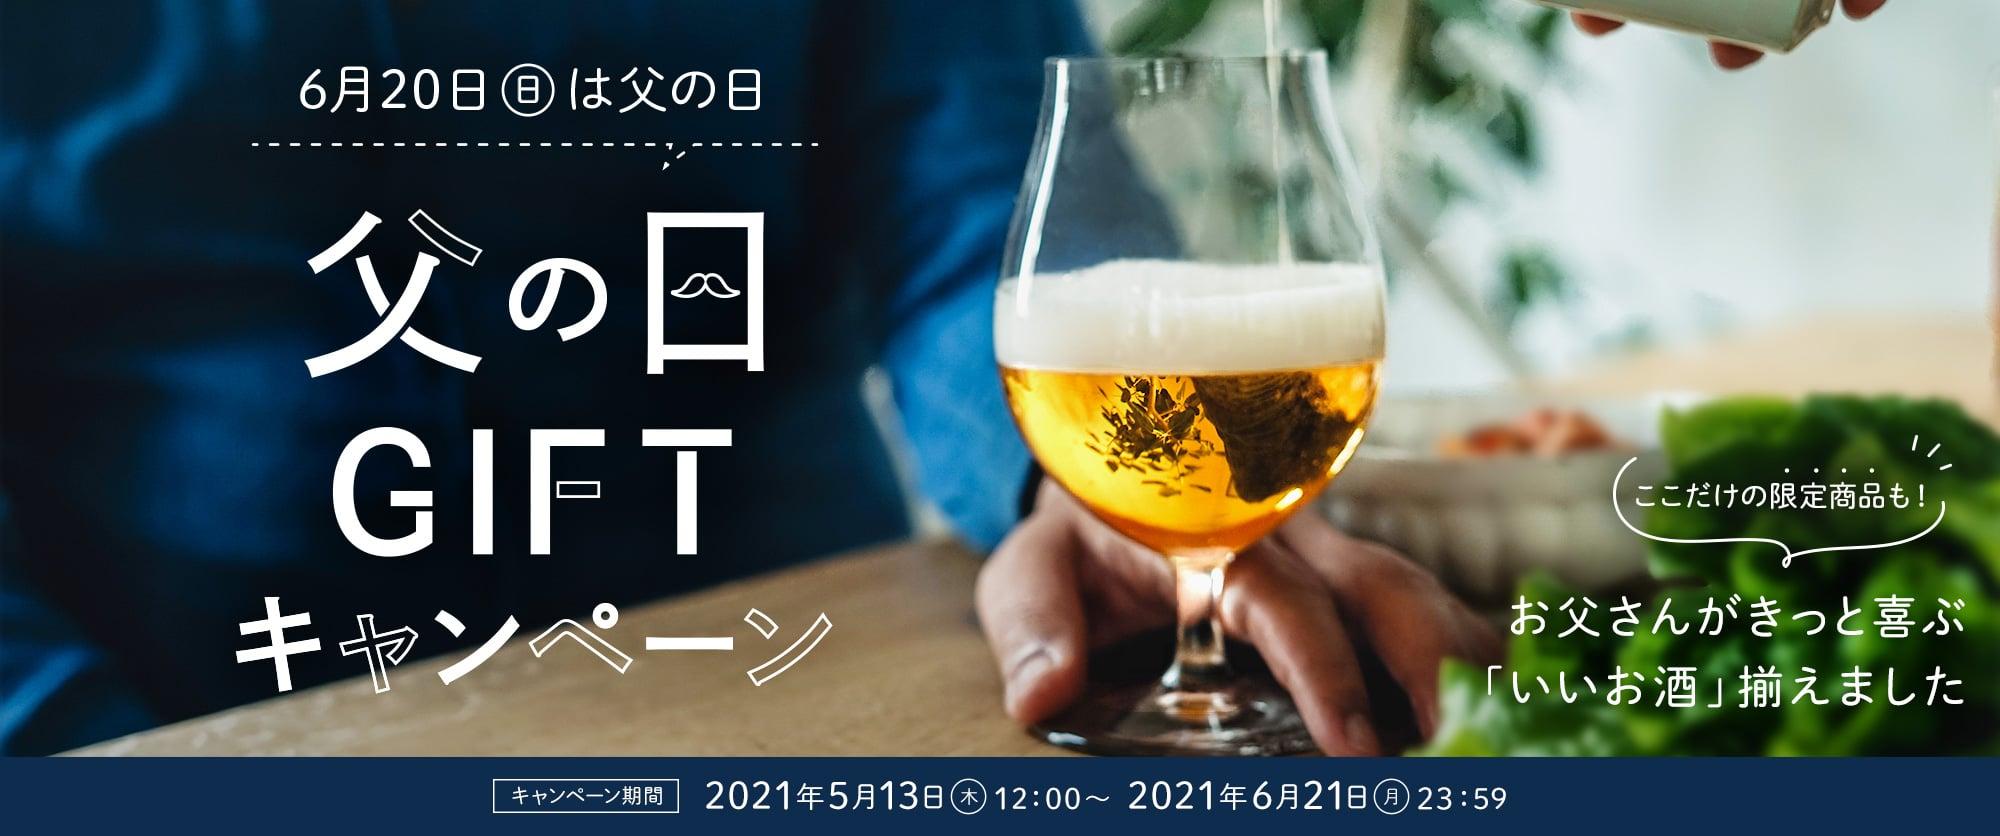 6月20日(日)は父の日 父の日GIFTキャンペーン お父さんがきっと喜ぶ「いいお酒」揃えました(ここだけの限定商品も!) キャンペーン期間 2021年5月13日(木)12:00〜2021年6月21日(月)23:59